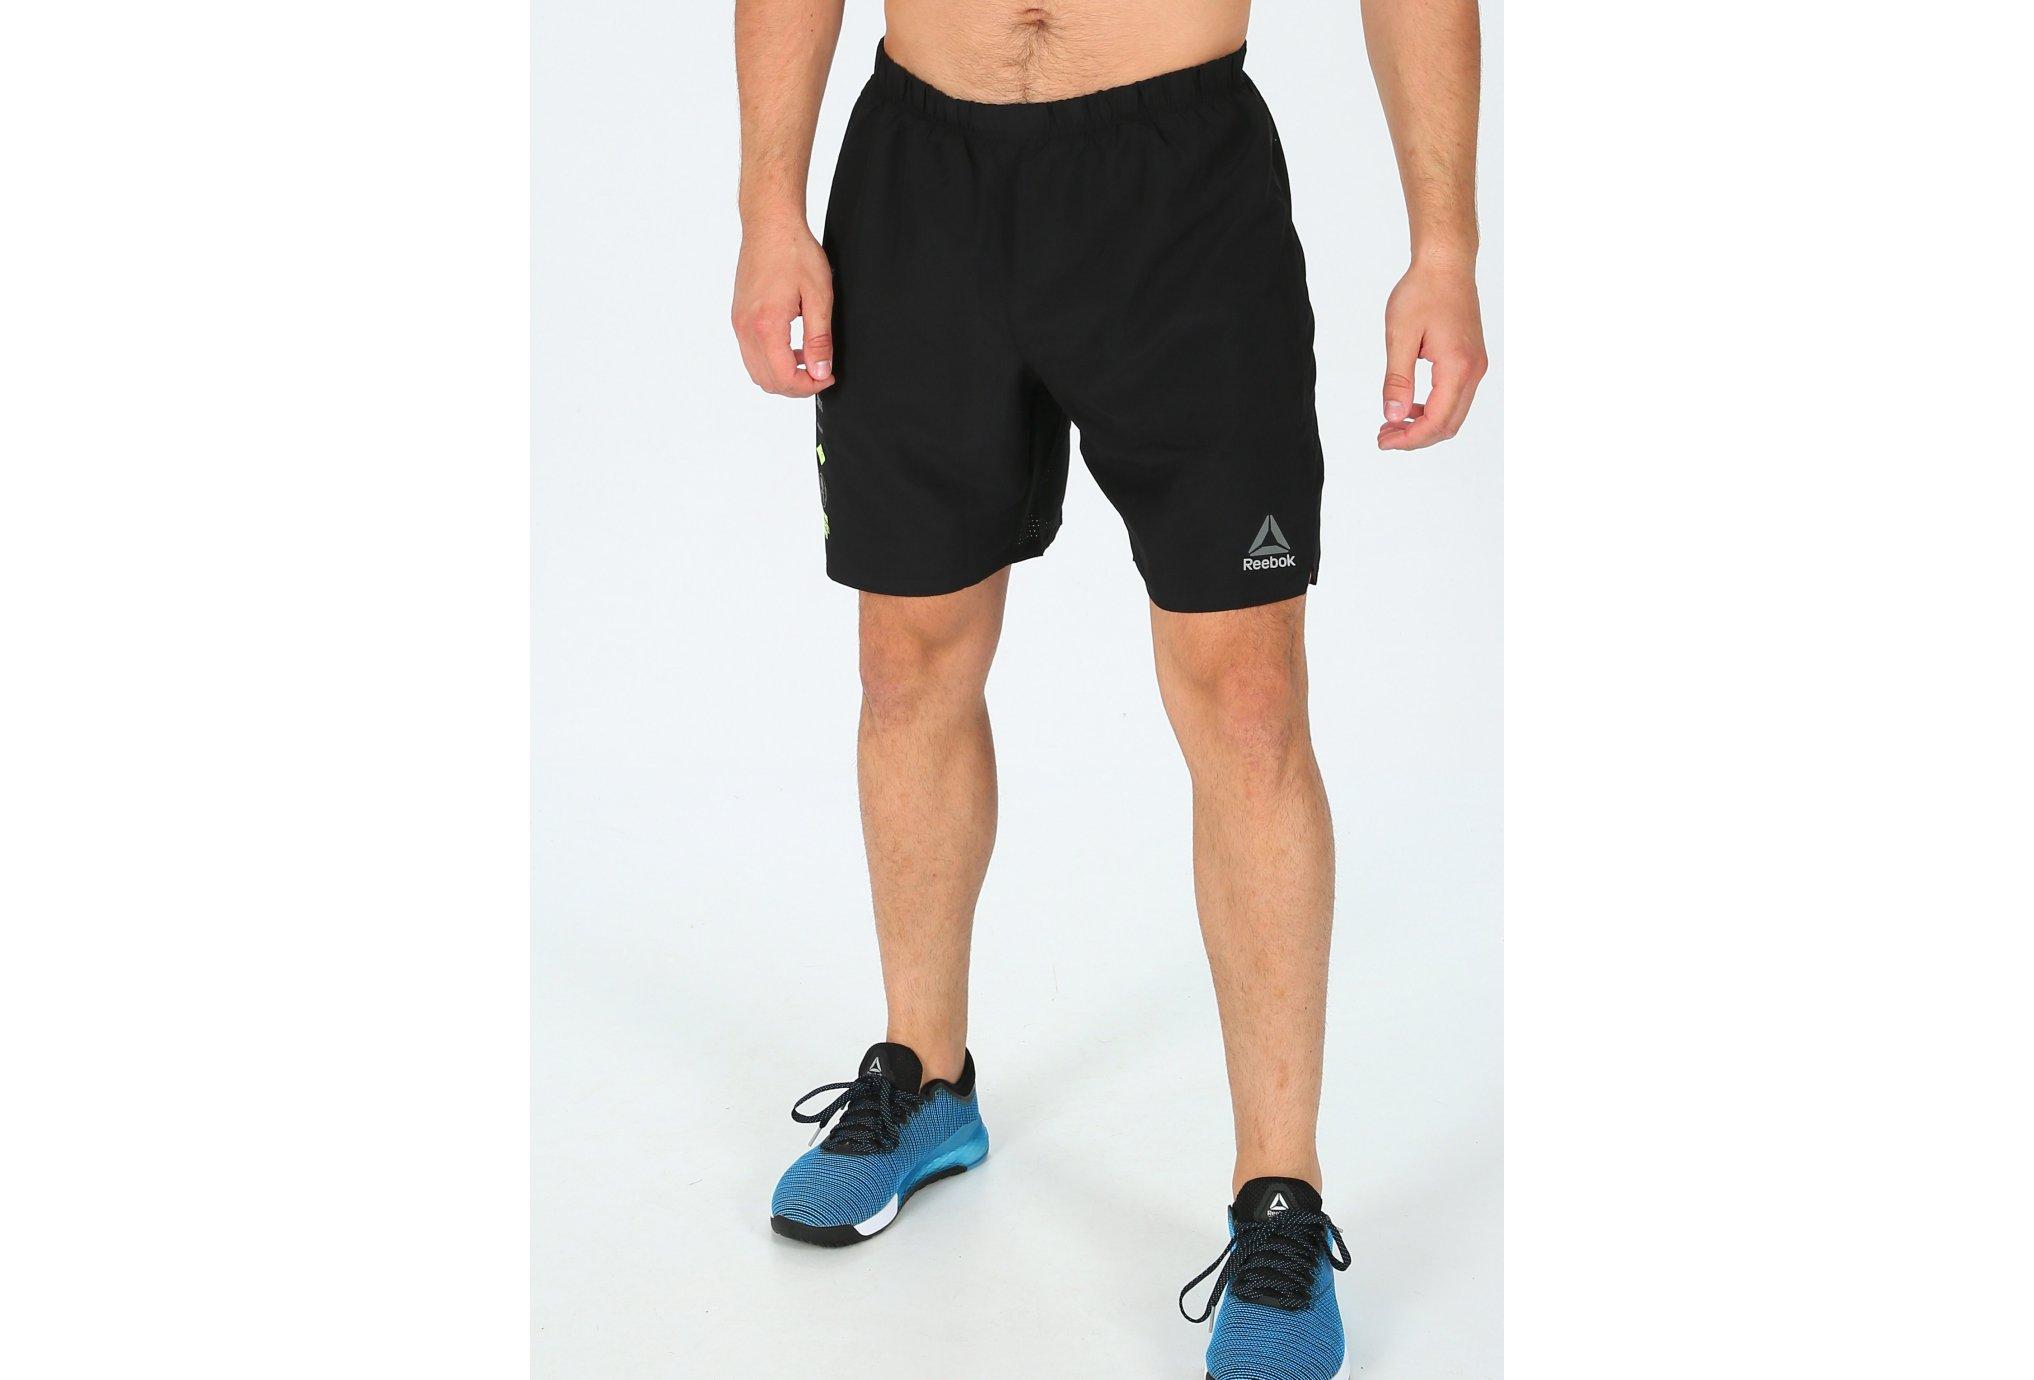 Reebok Spartan Race Woven M vêtement running homme